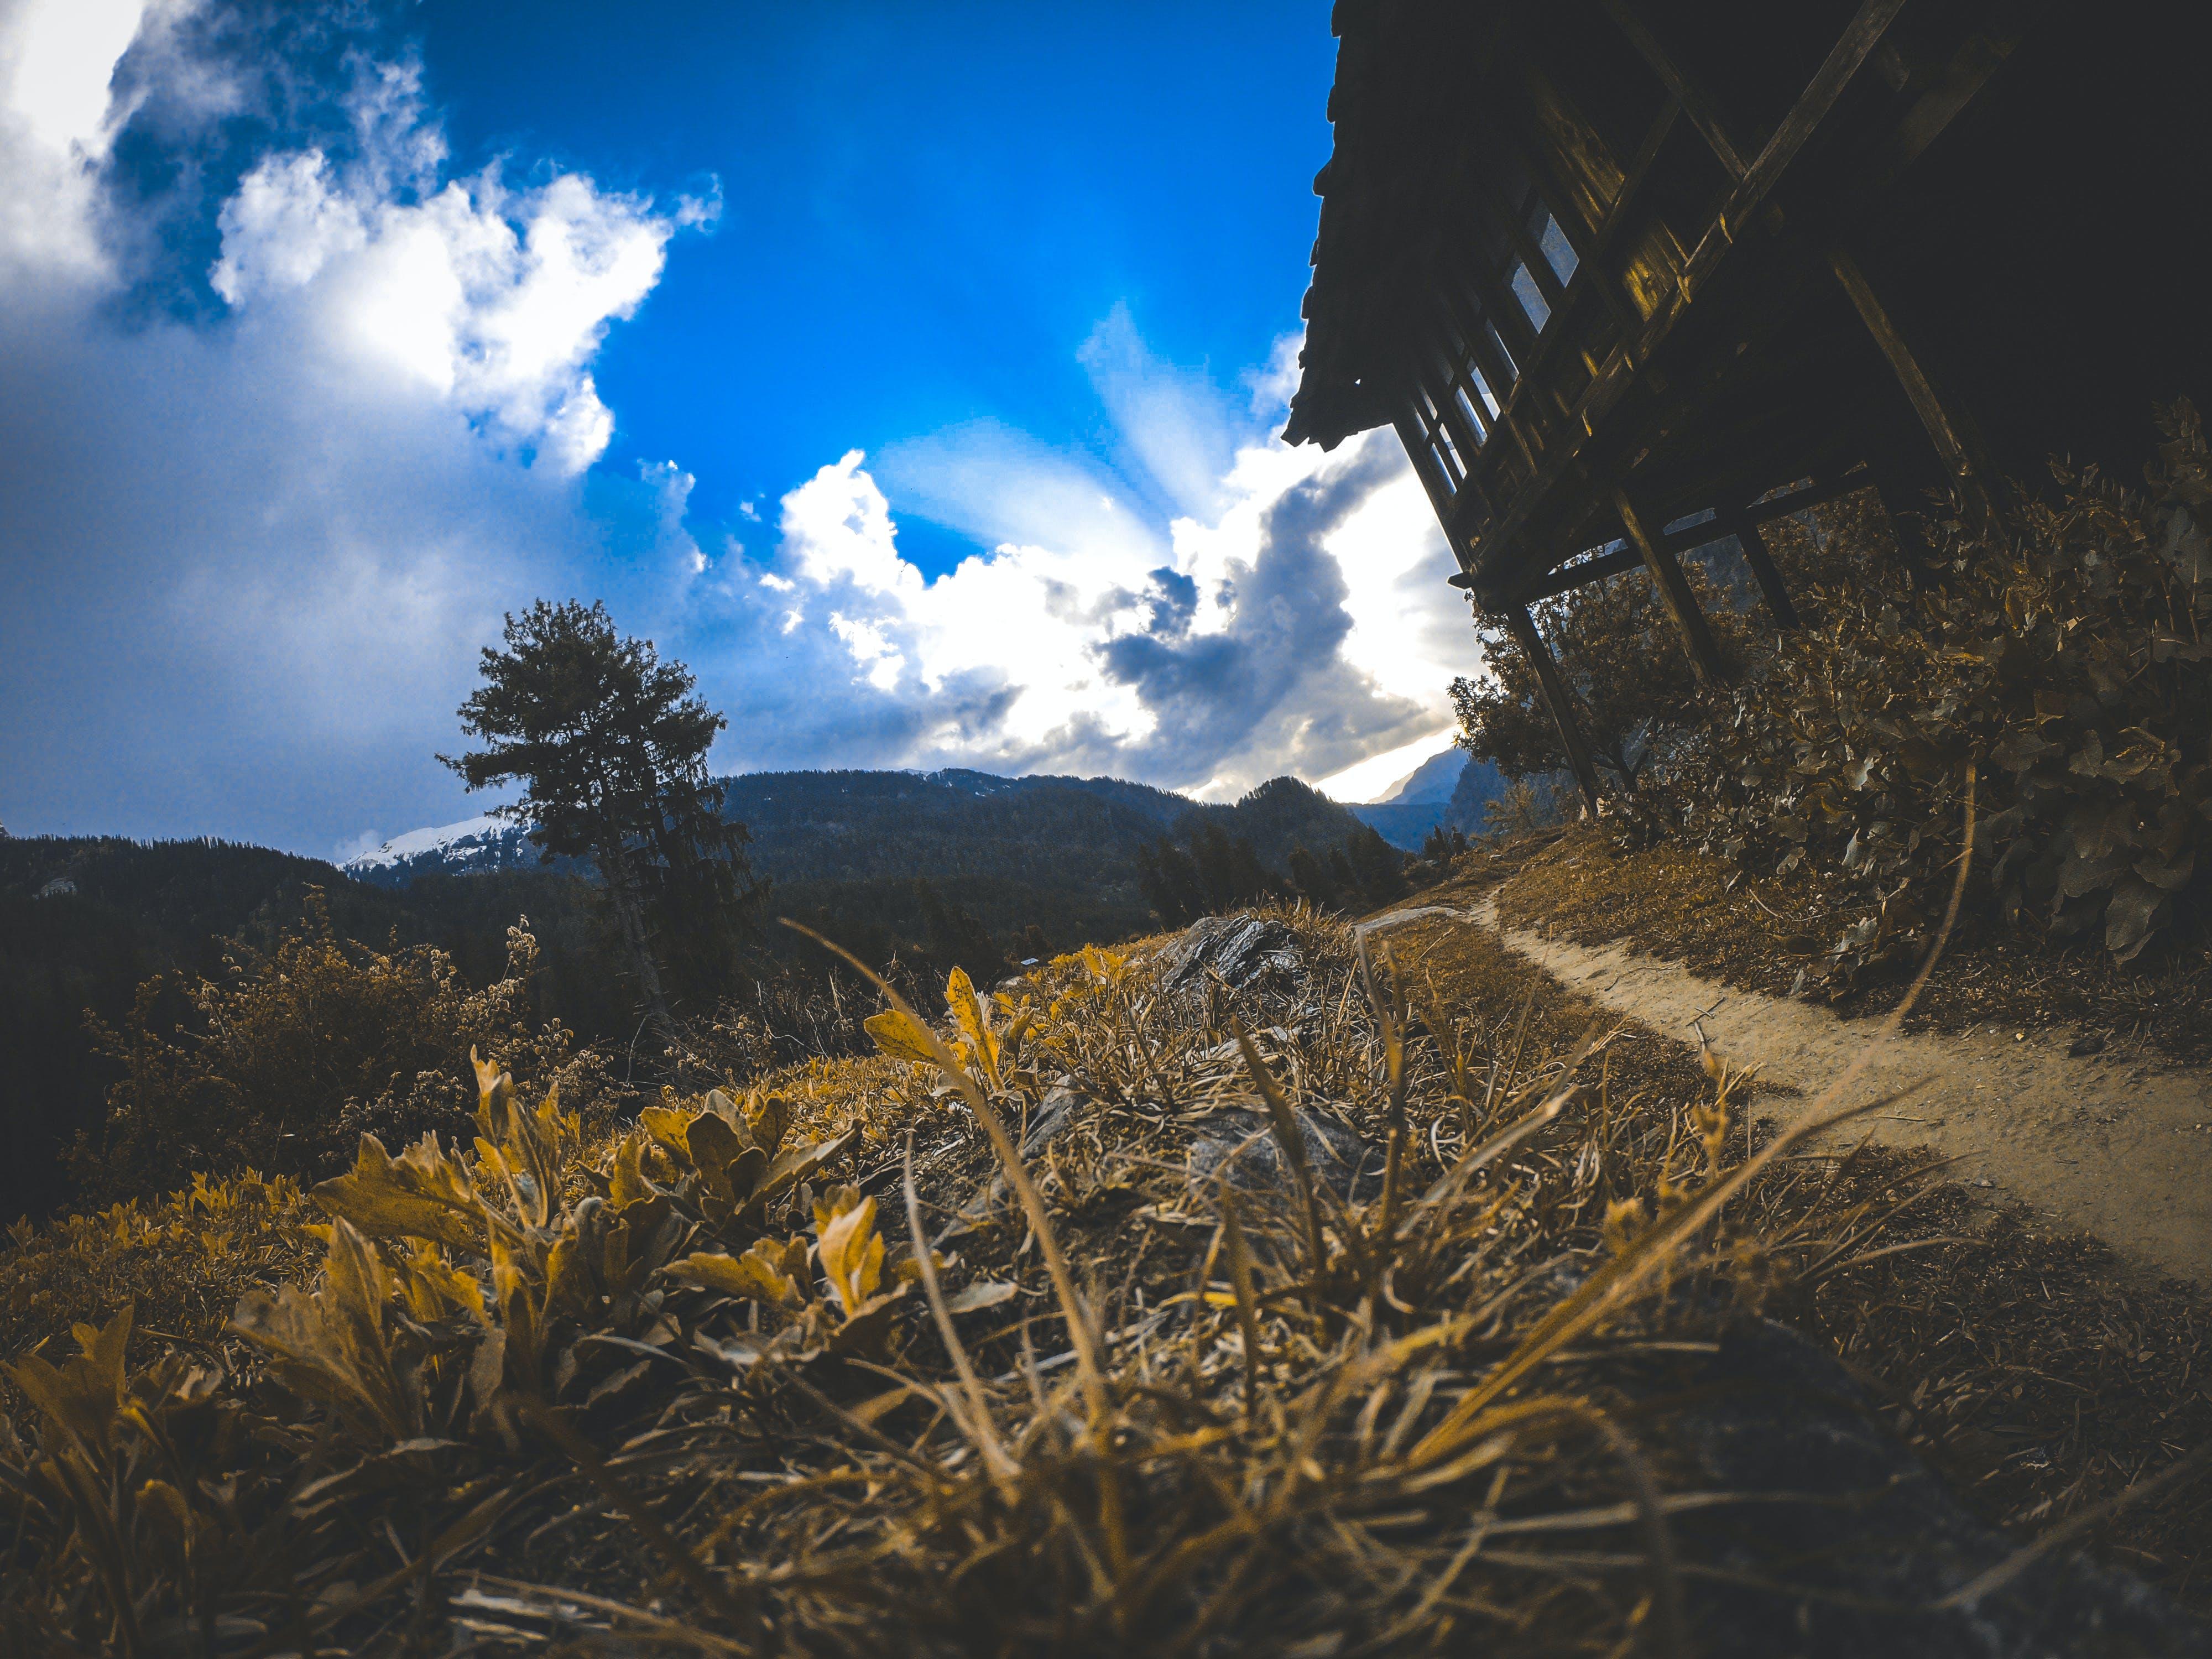 Ảnh lưu trữ miễn phí về #thiên nhiên, bầu trời, cảnh quan đẹp, cây